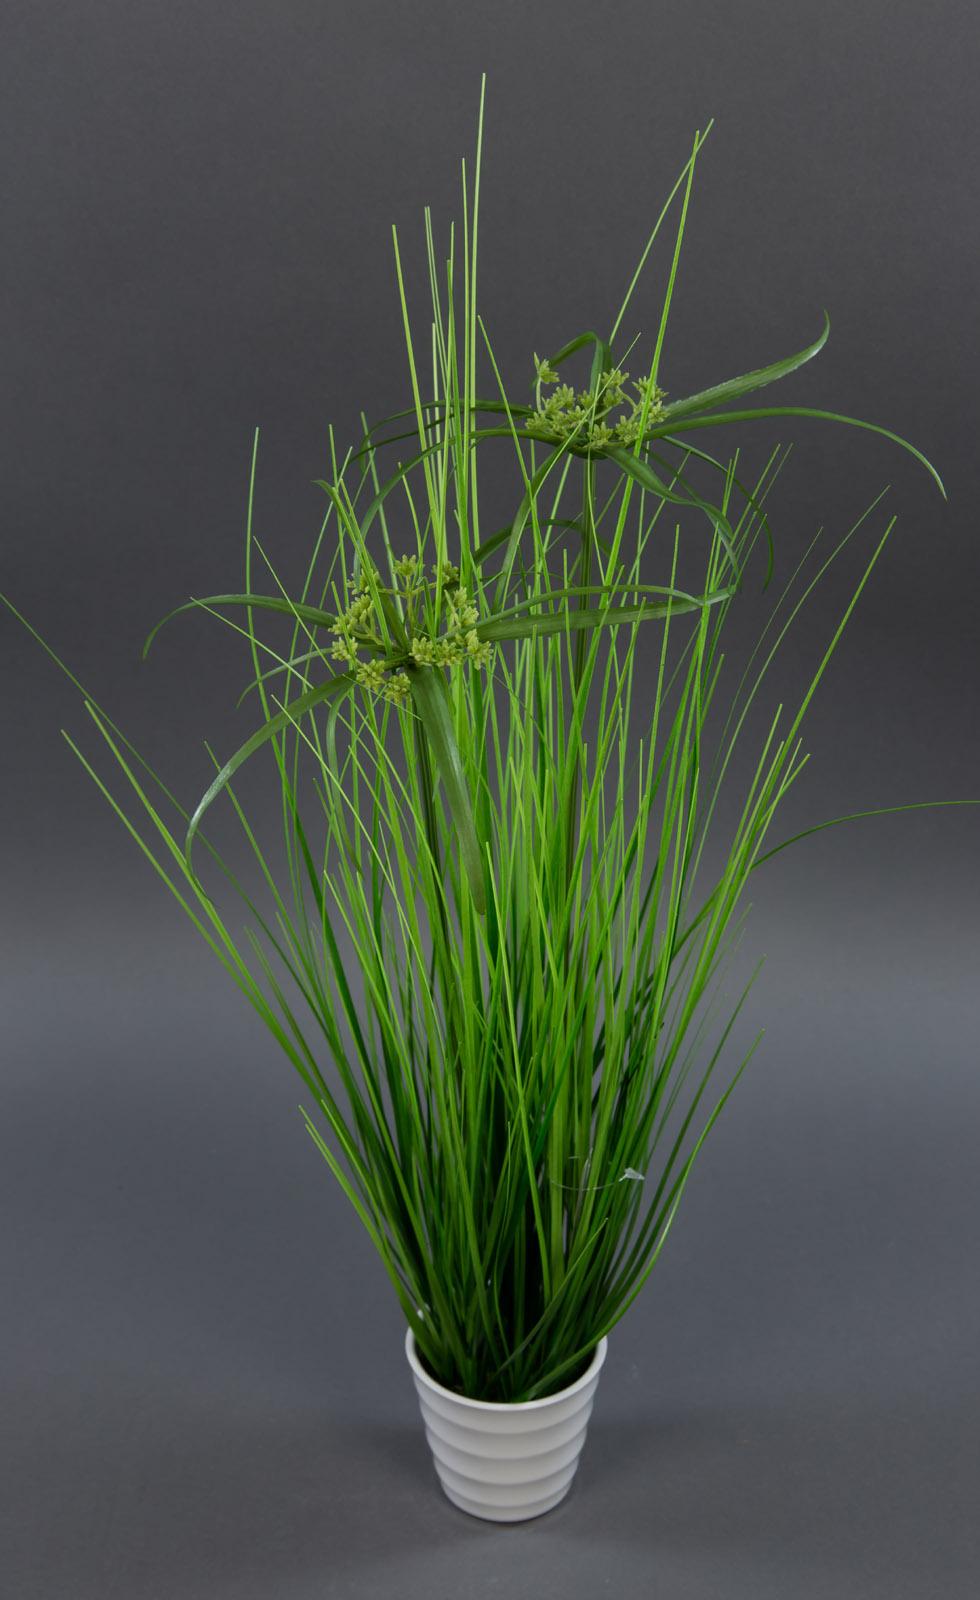 zyperngras 58cm im wei en dekotopf dp k nstliches gras kunstpflanzen grasbusch ebay. Black Bedroom Furniture Sets. Home Design Ideas